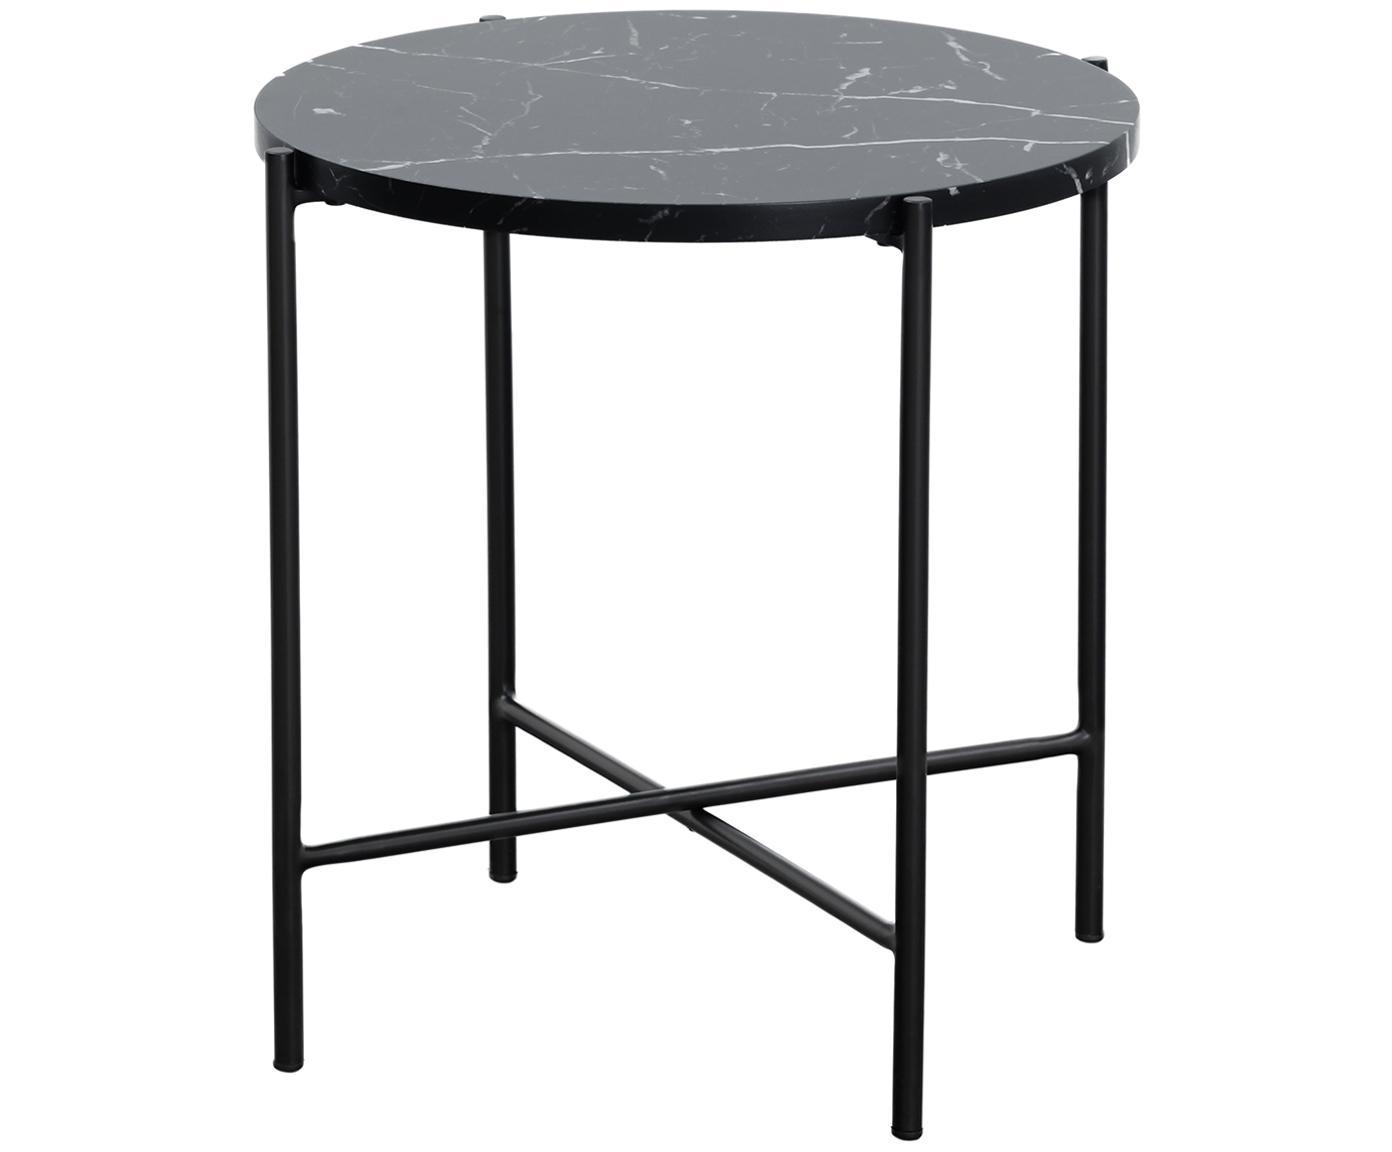 Tavolino con piano effetto marmo Fria, Piano d'appoggio: pannello di fibra a media, Struttura: metallo verniciato a polv, Piano d'appoggio: nero marmorizzato opaco Struttura: nero opaco, Ø 45 x Alt. 46 cm